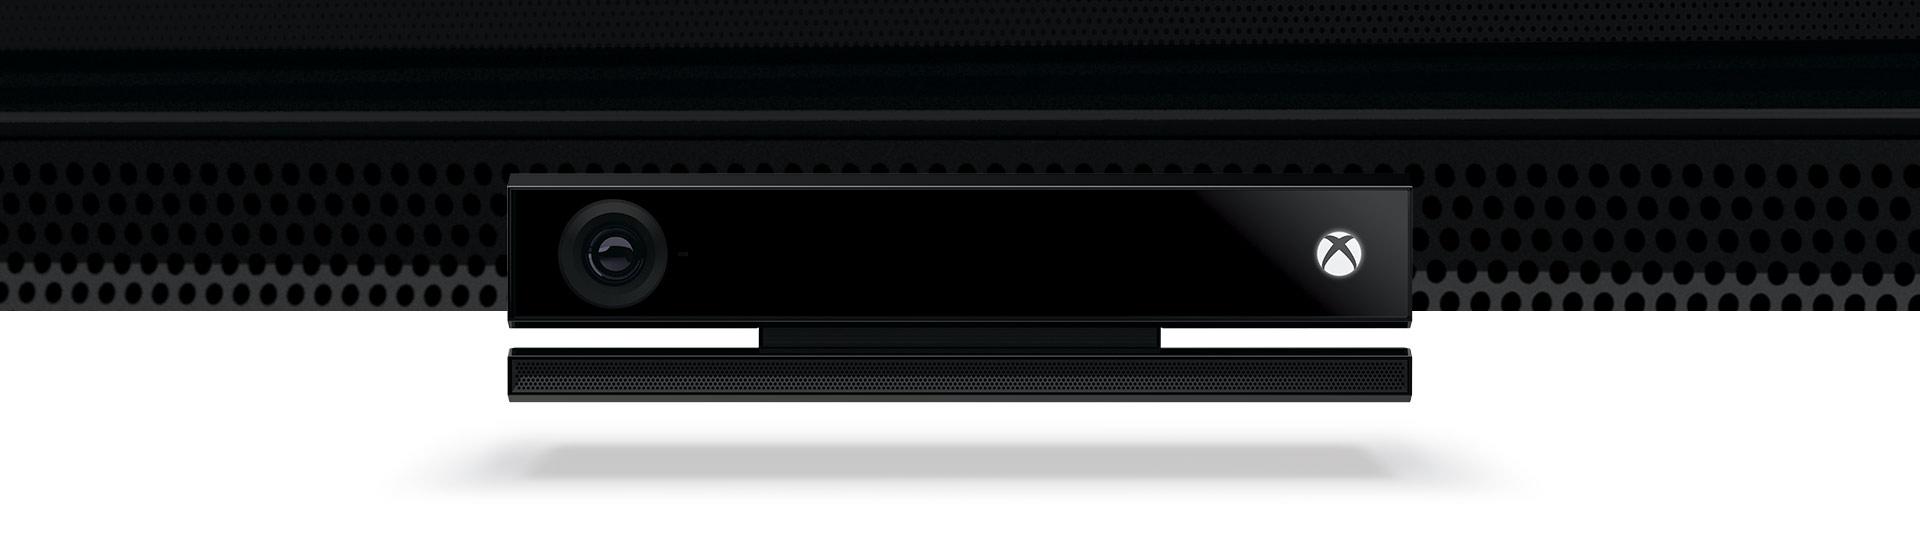 Xbox Kinect-Sensor